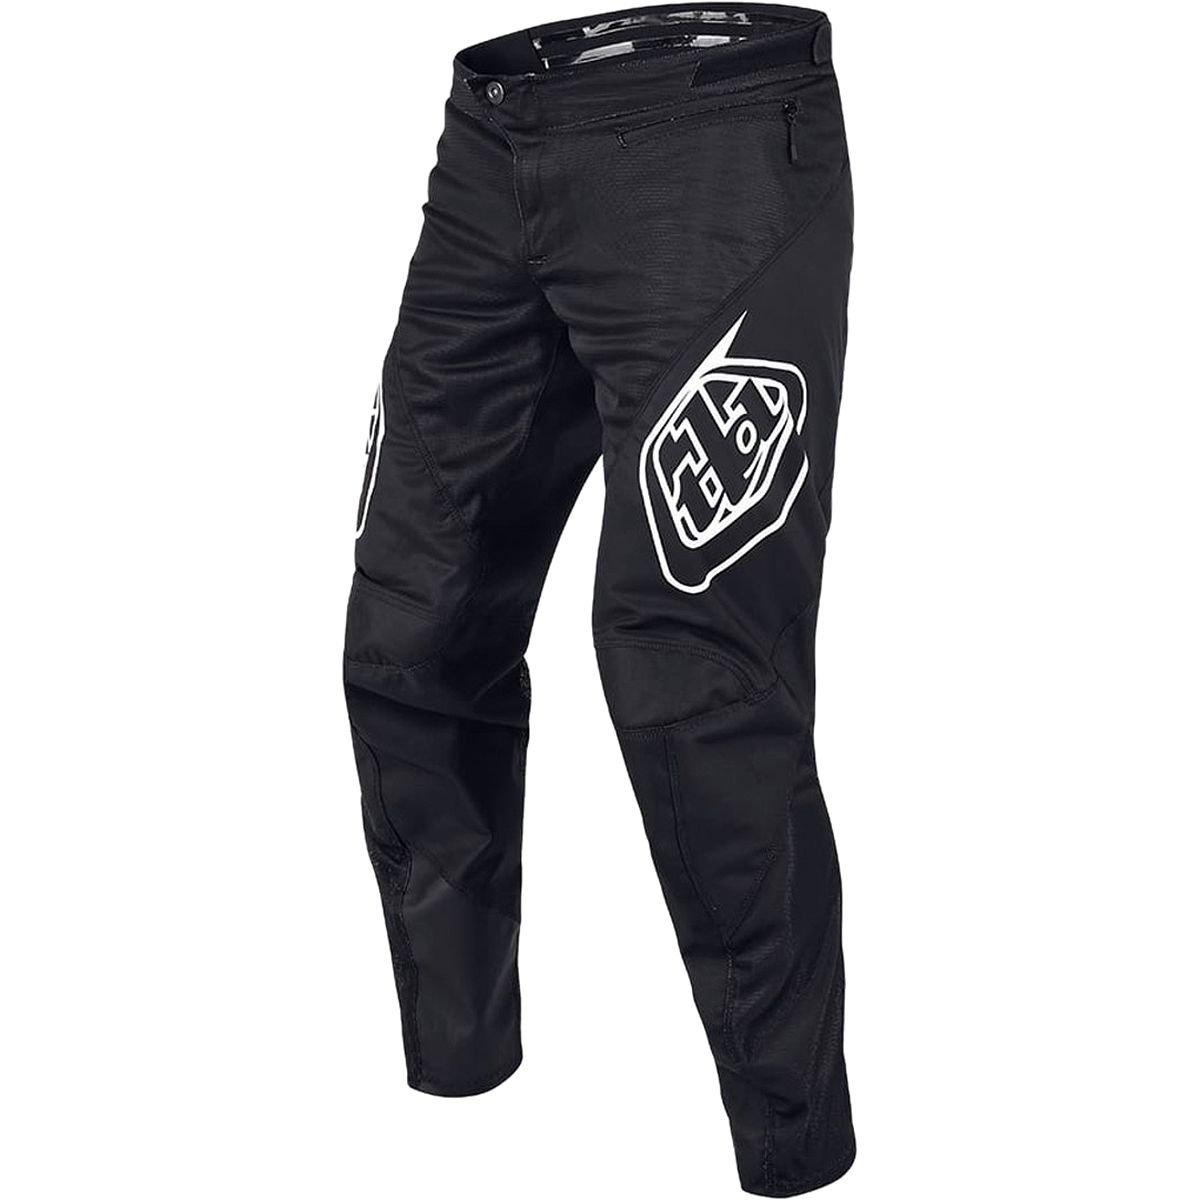 Troy Lee Designs Sprint Mens Bicycle Pants Black 30 USA